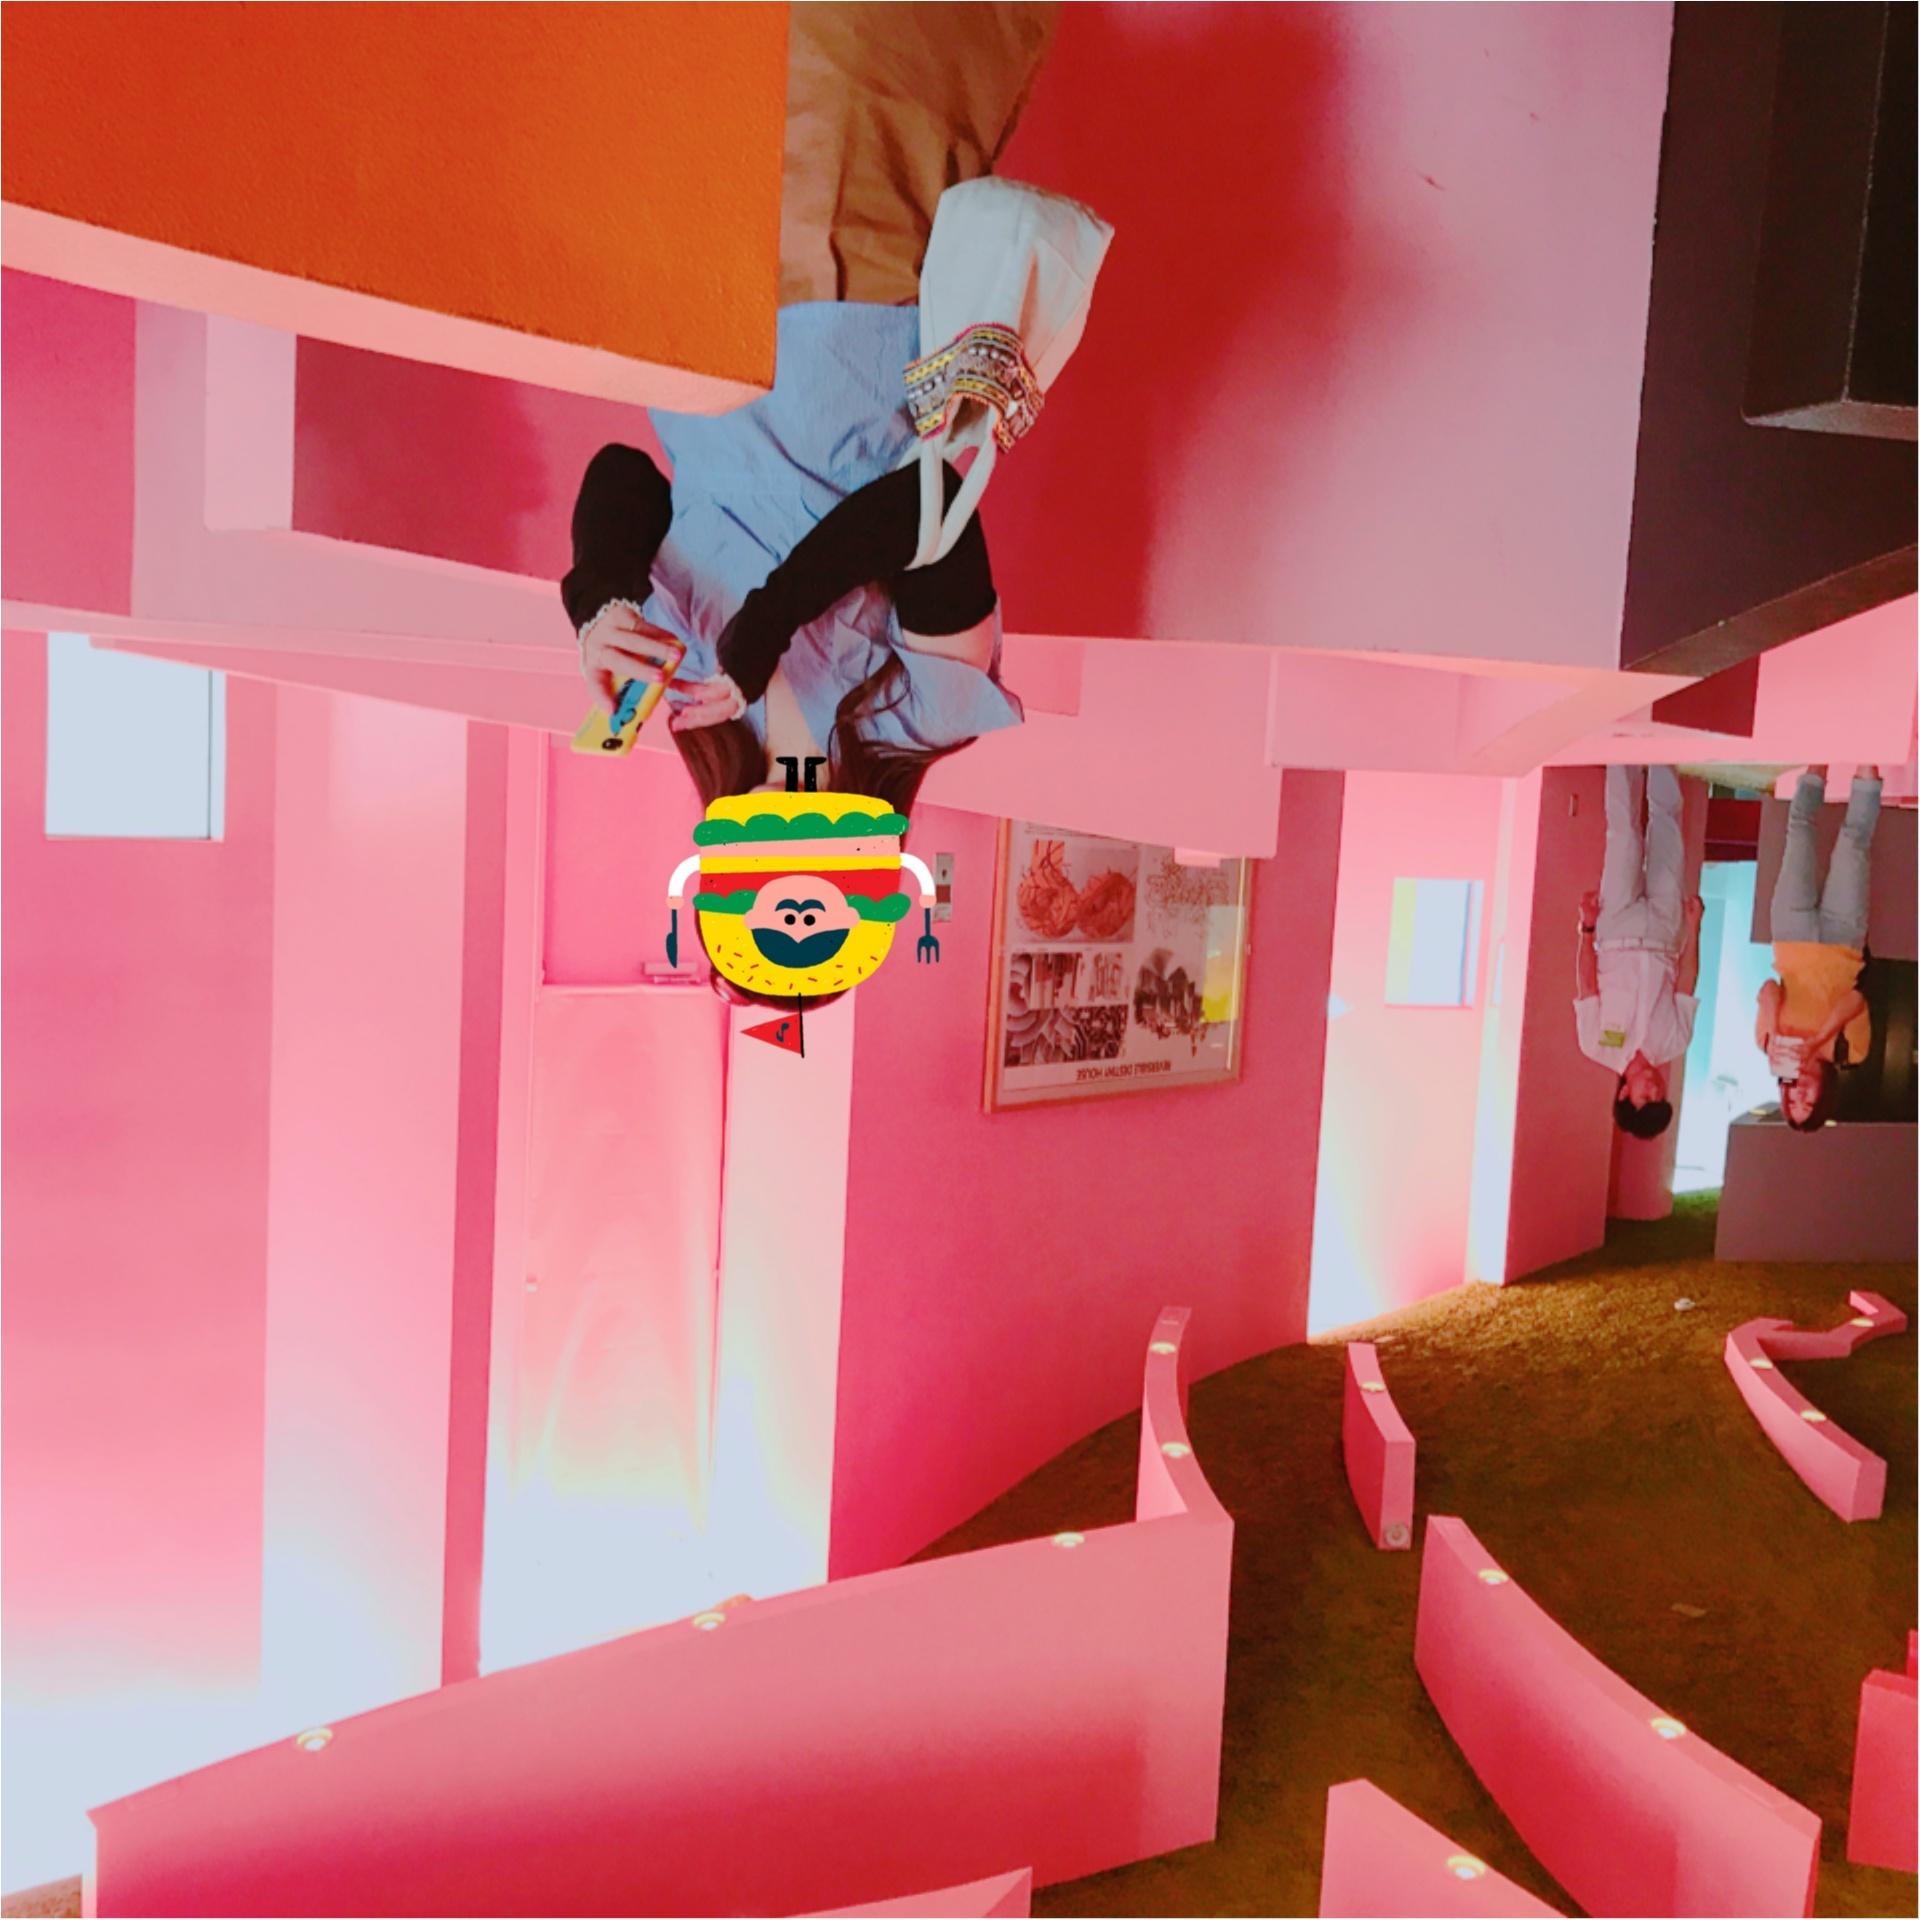 ★写真好きは必見!東海地区で遊ぶなら、トリックがいっぱい、岐阜県『養老天命反転地』で不思議写真体験がオススメ★_4